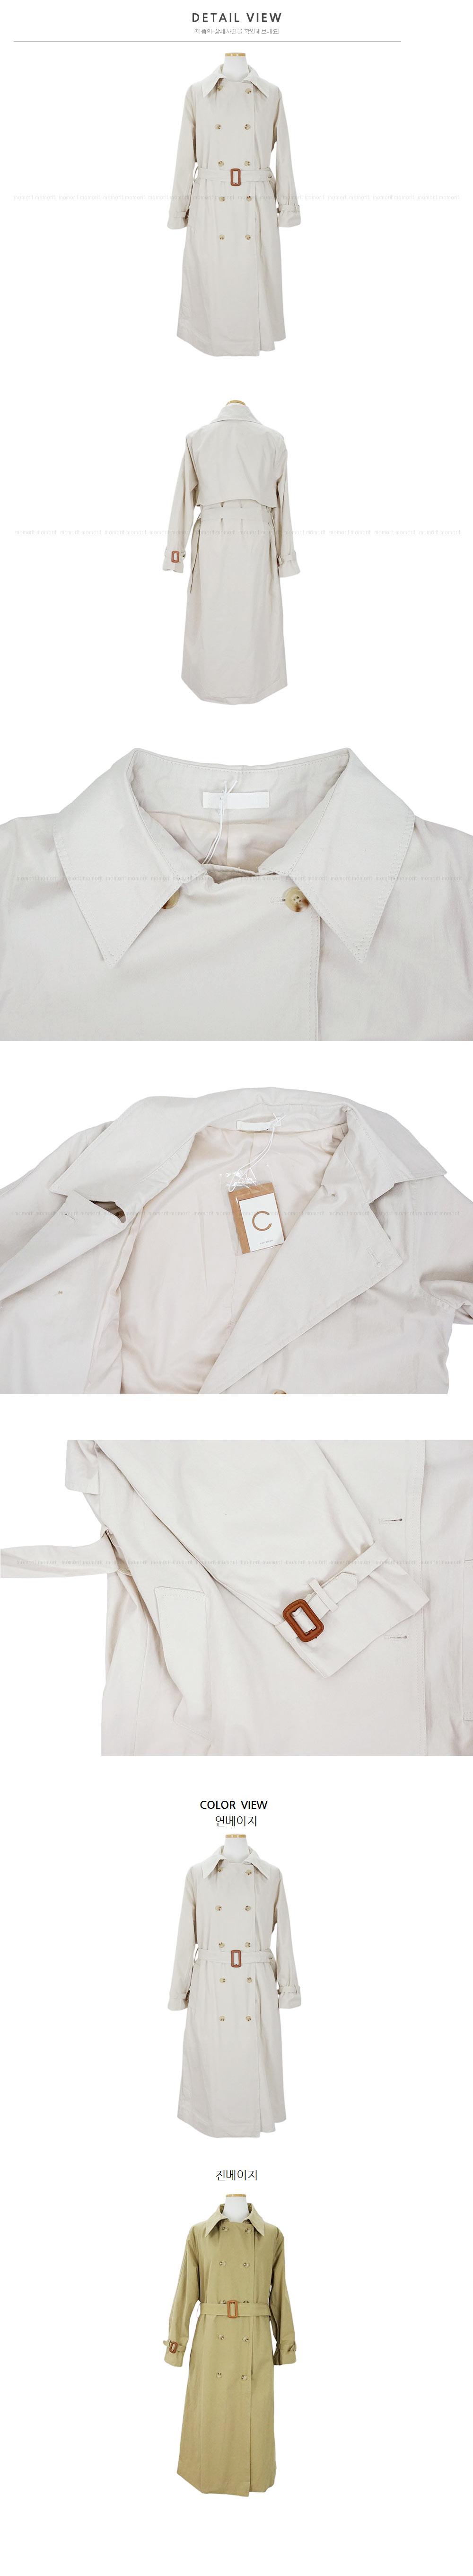 Verlong trench coat 2 color